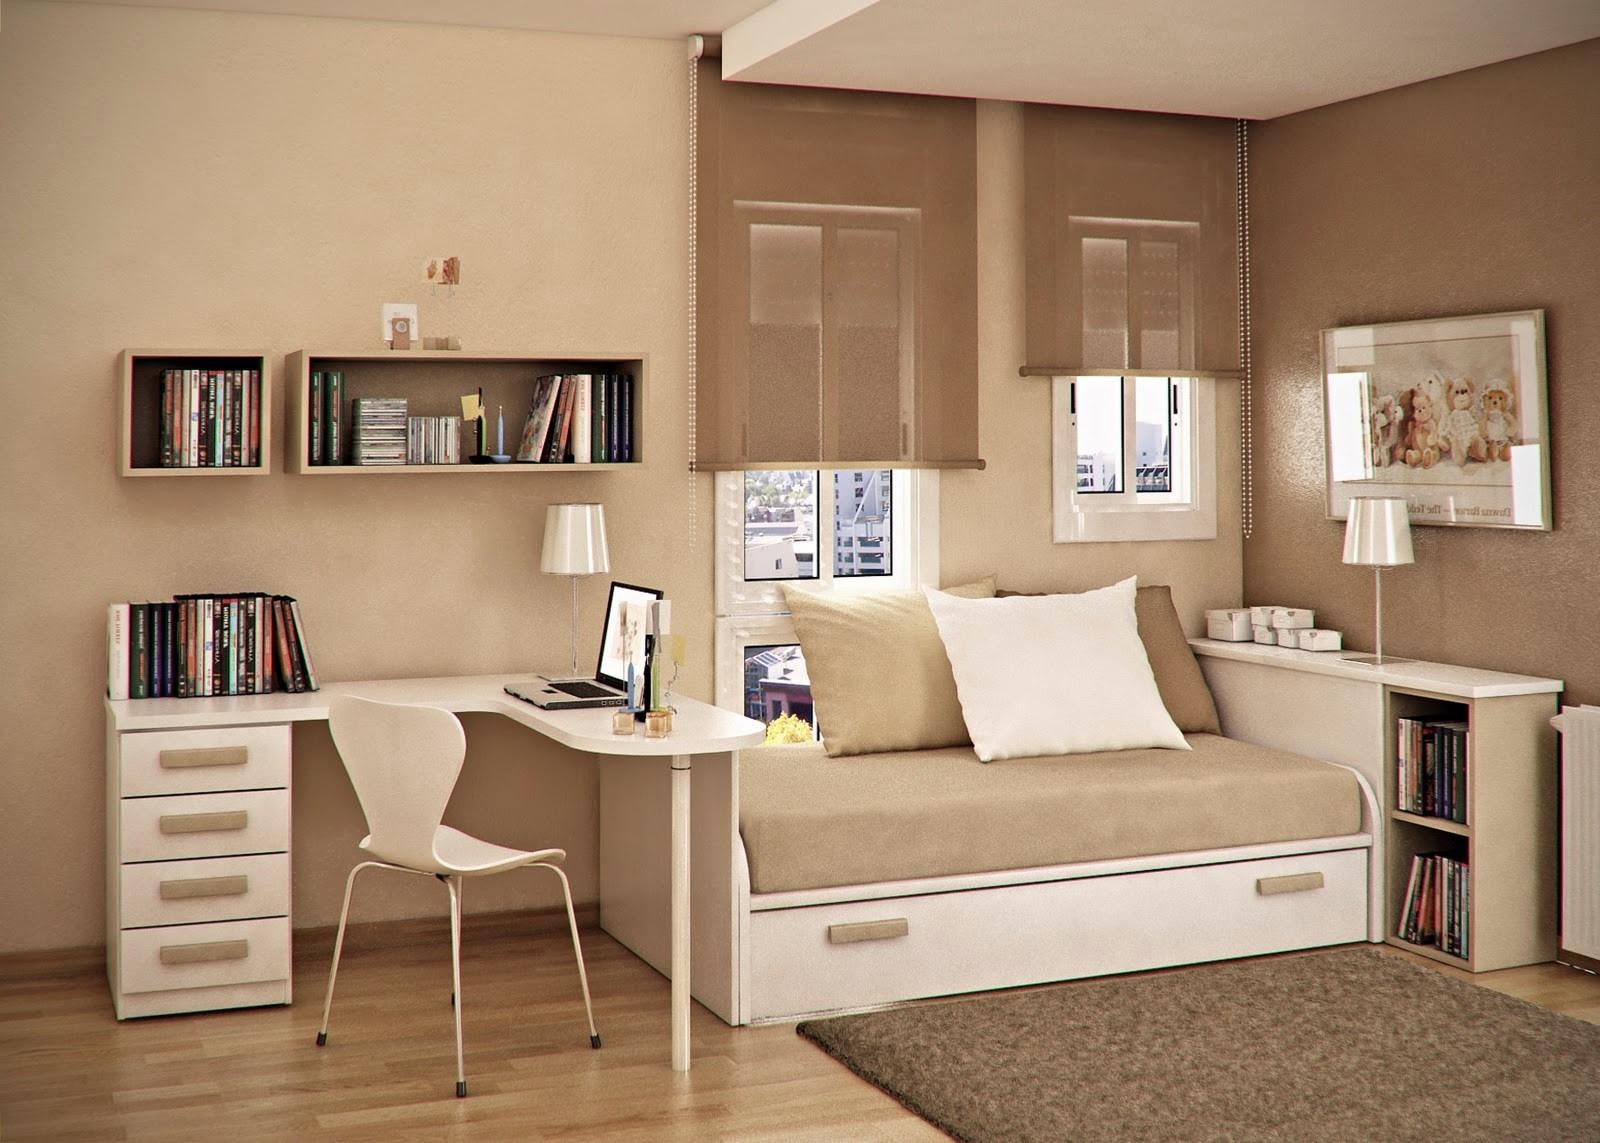 Schlafzimmer Gestalten Braun Beige Imposing On Für Wohnzimmer Modernes 4